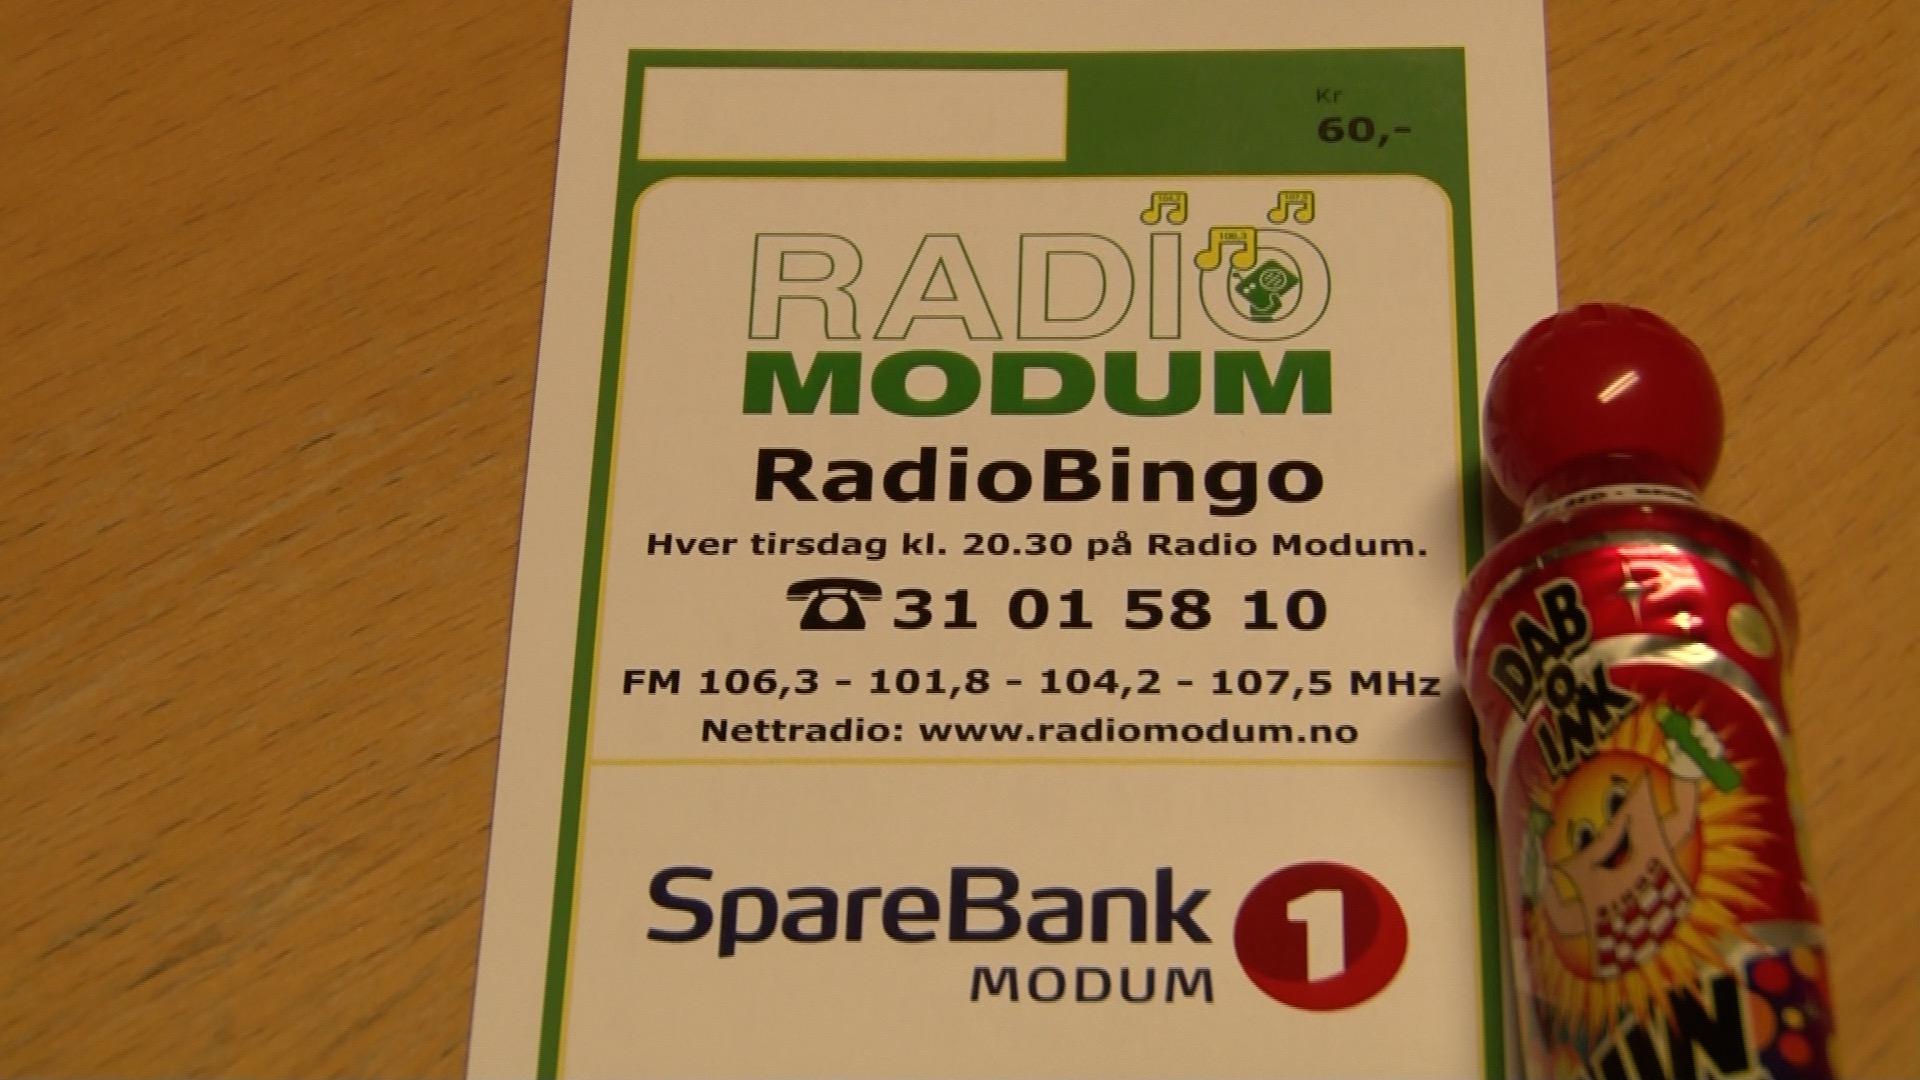 Radio Modum fikk ikke medhold. Men får redusert «Bingostraff»